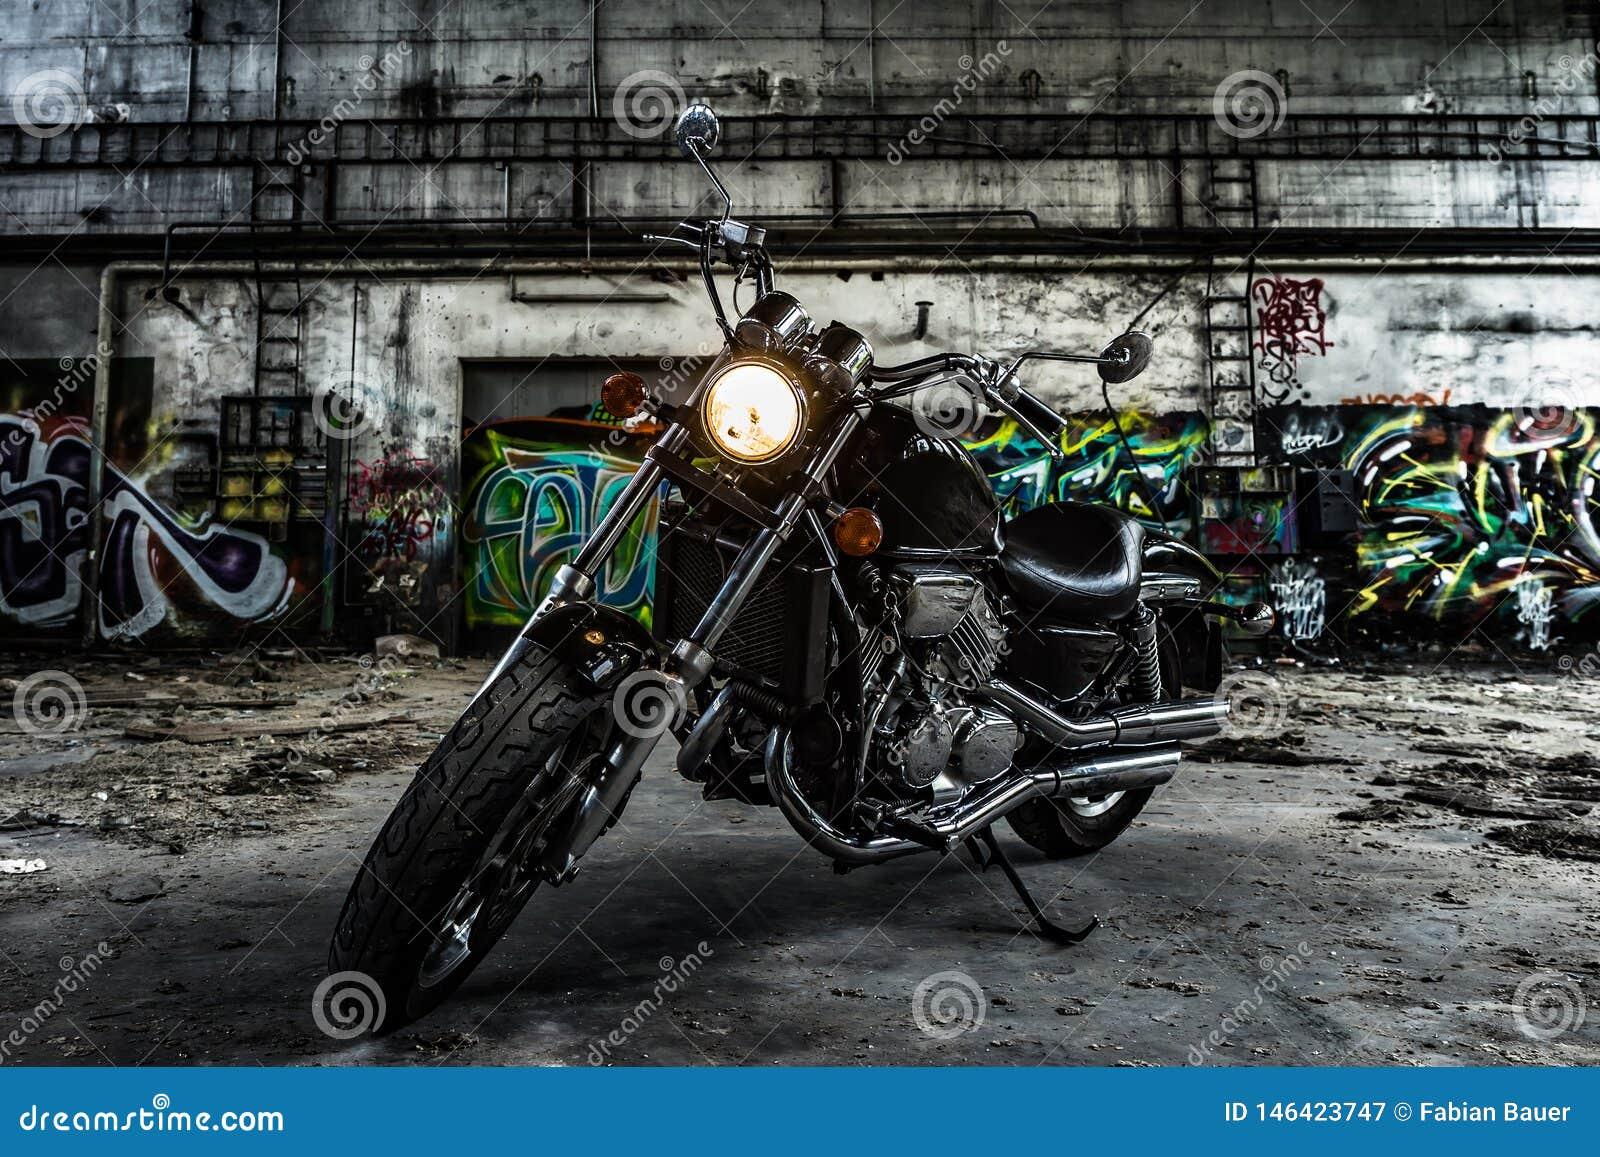 Тяпка мотоцикла в старой промышленной зале с граффити городскими